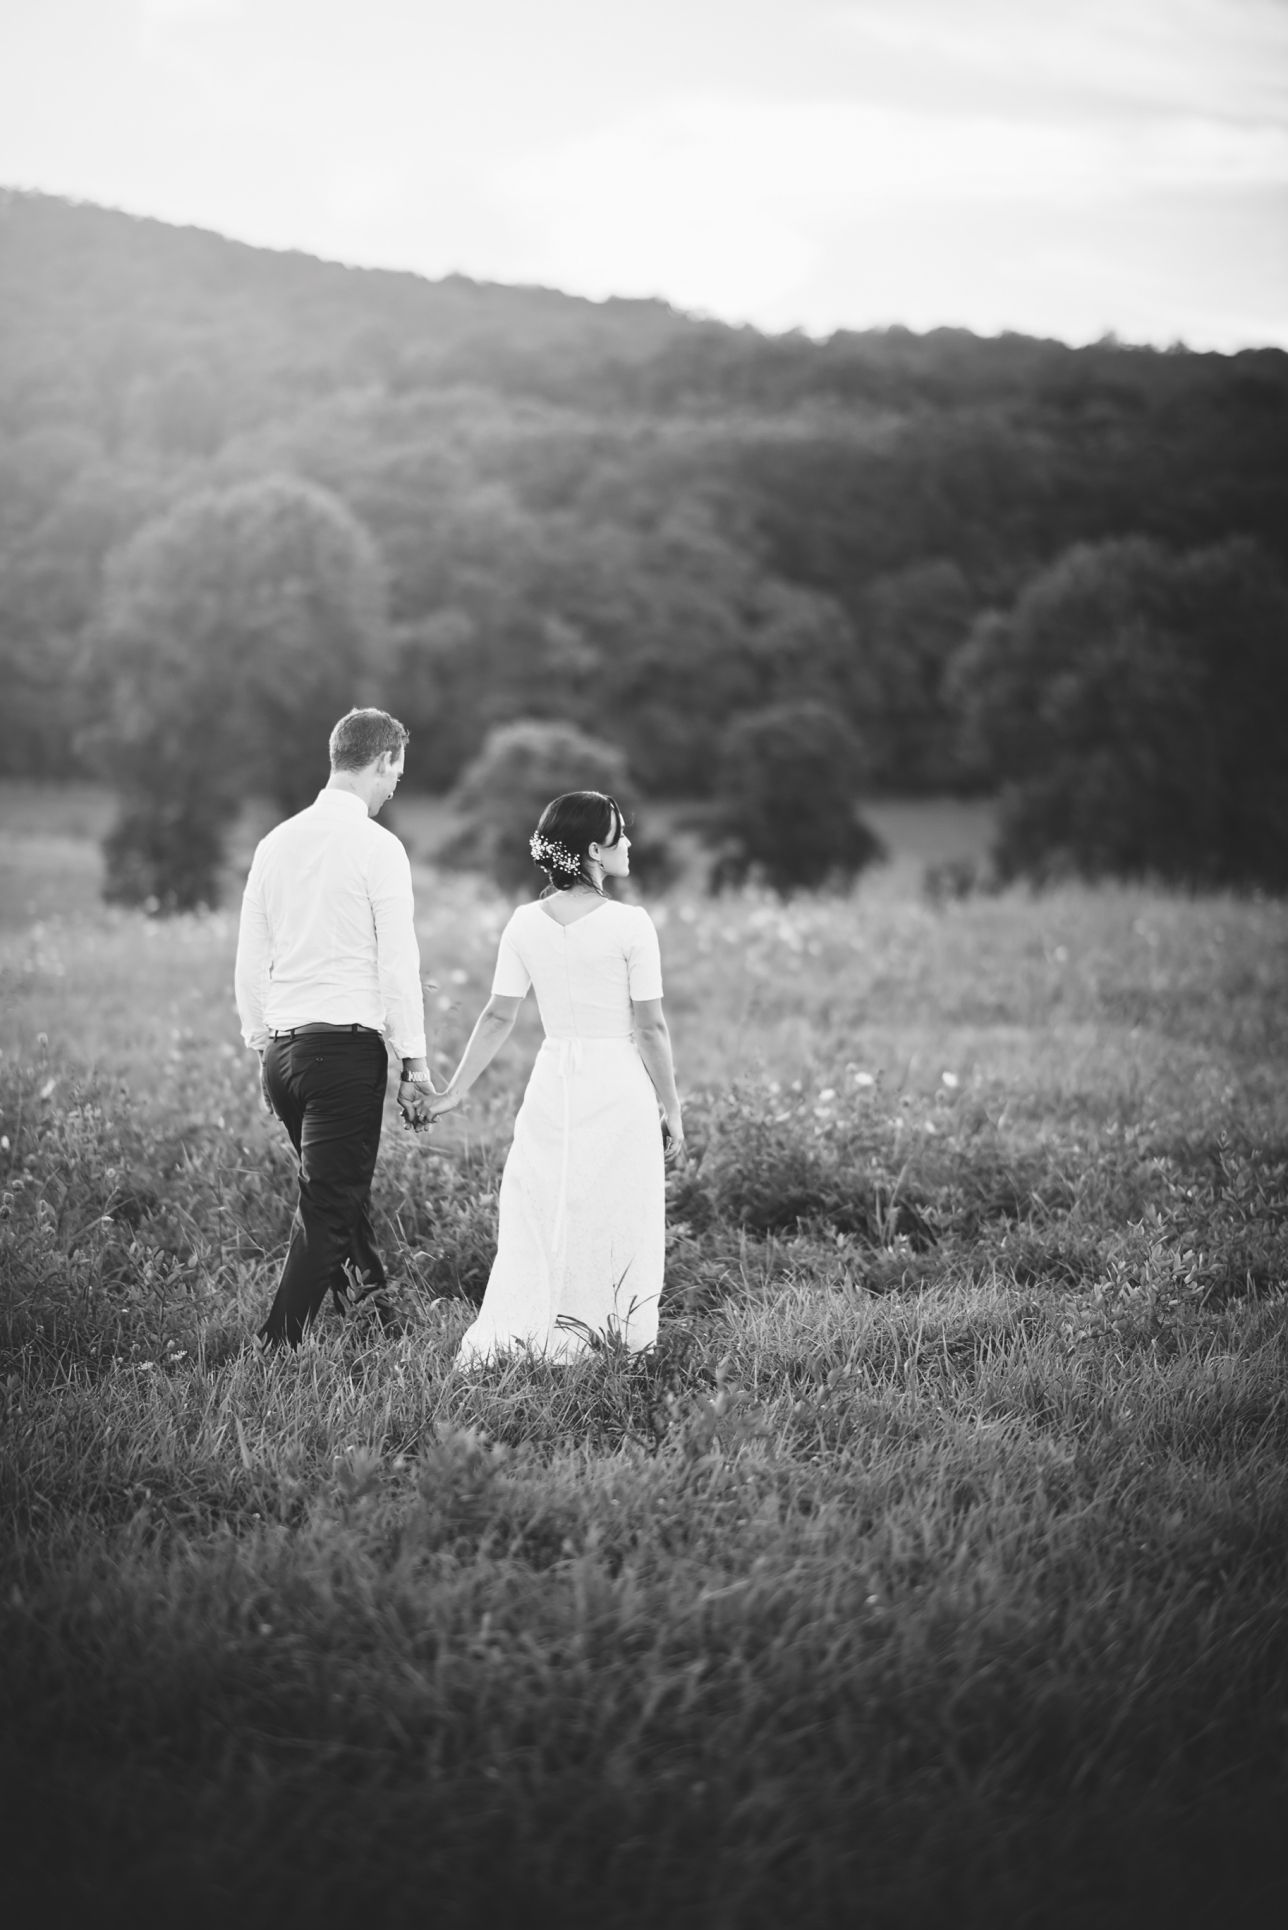 Großartig Lds Hochzeit Geschenke Fotos - Brautkleider Ideen ...